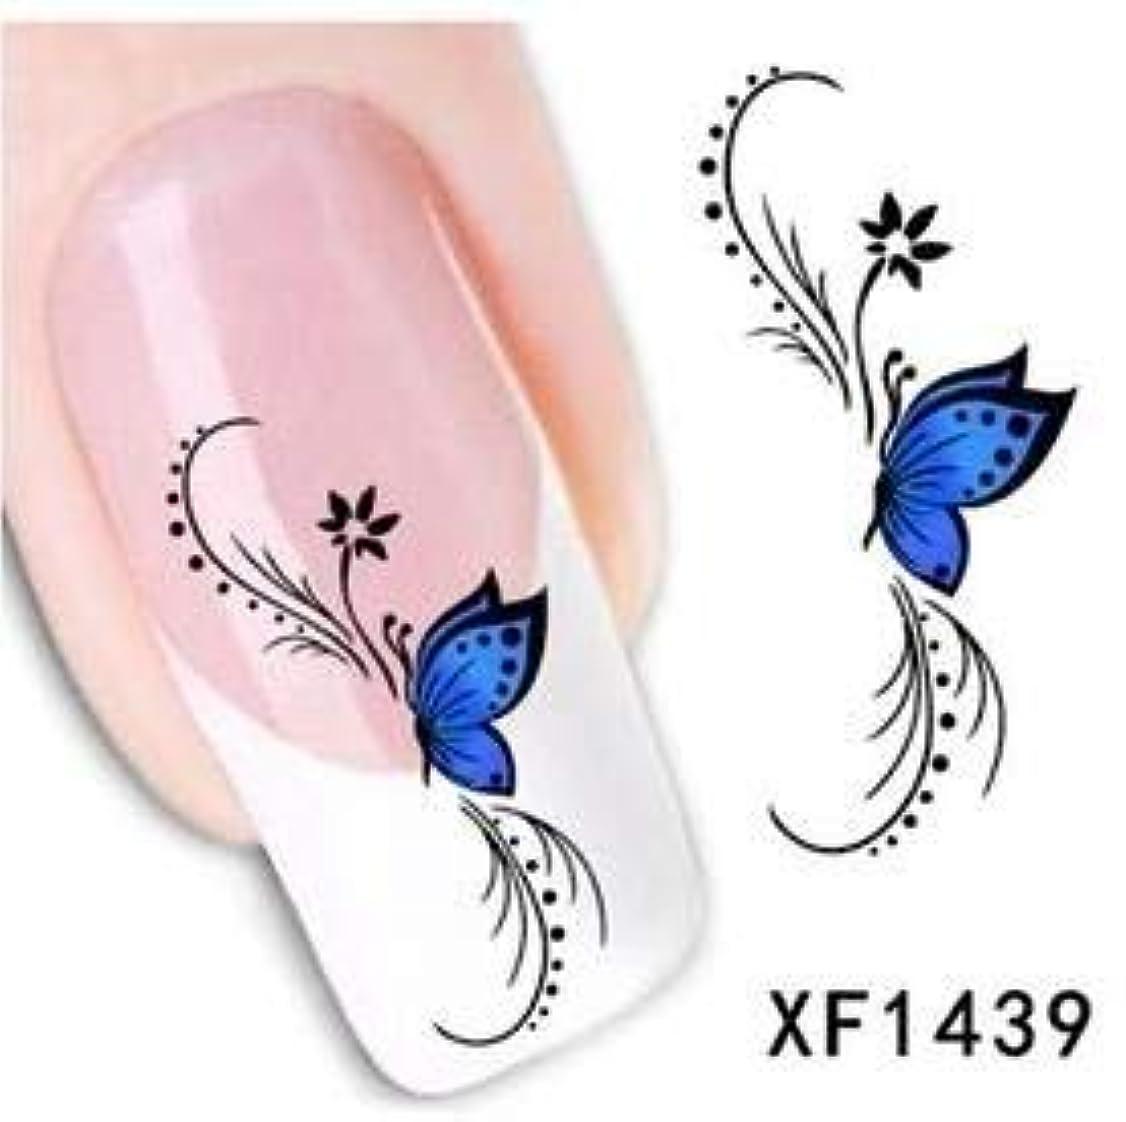 簡潔な疑い者勢いMEI1JIA CELINEZL 5ピースファッションマニキュアデカール花柄デザイン水転写ステッカー(XF1422) (色 : XF1439)